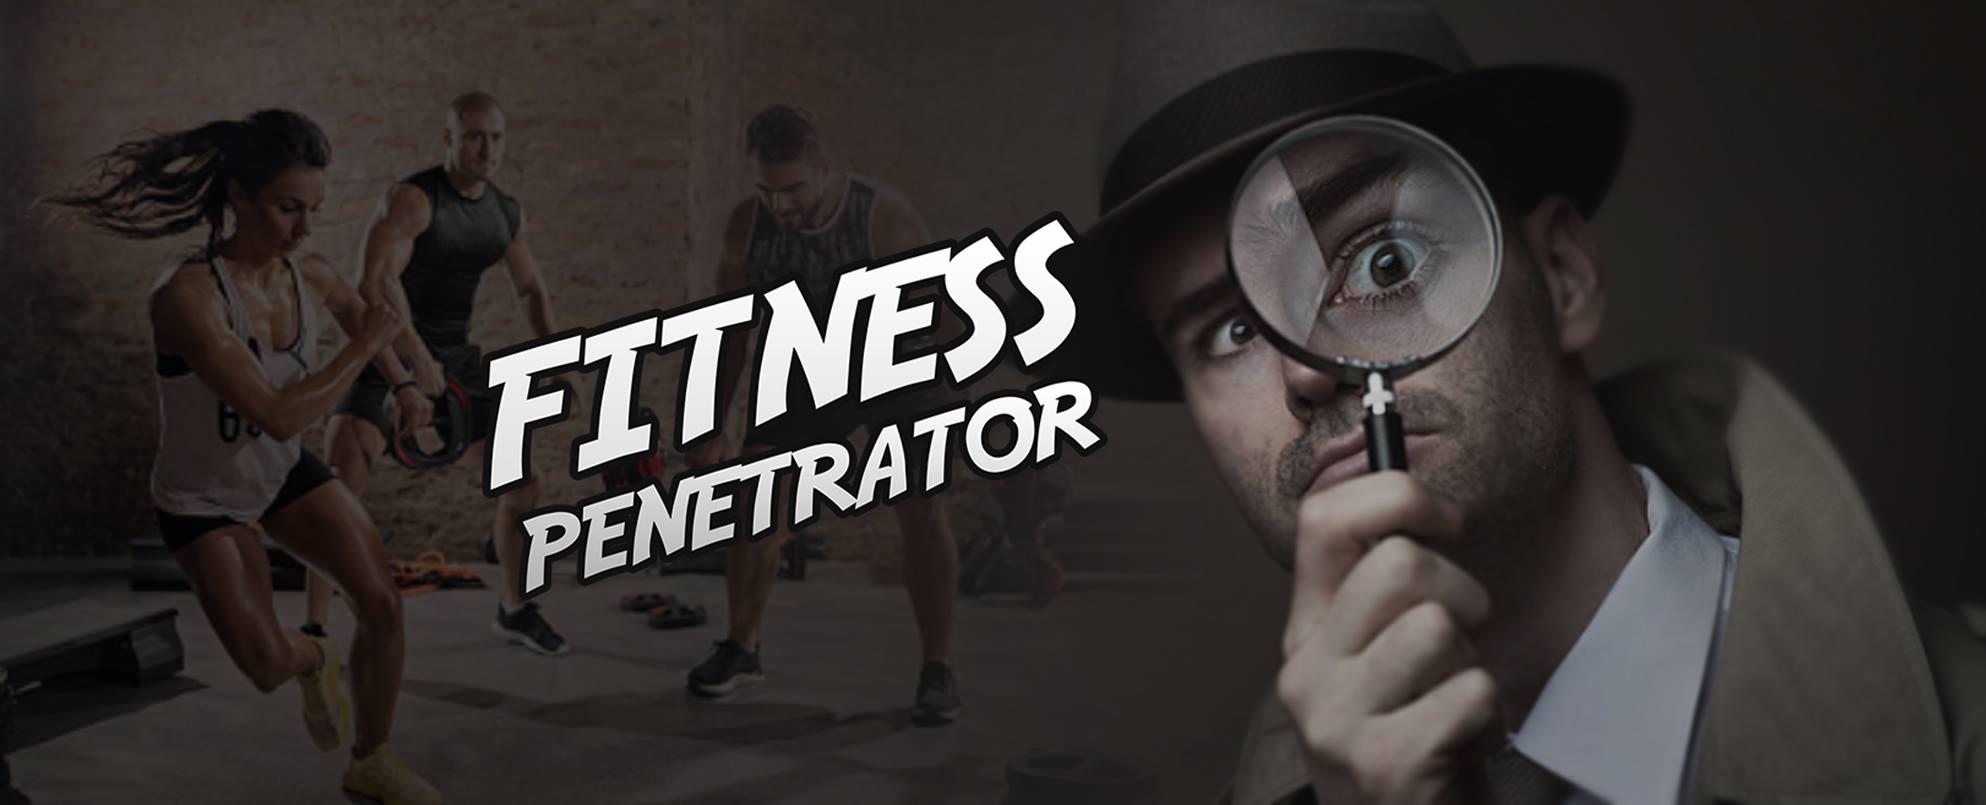 FitnessPenetrator